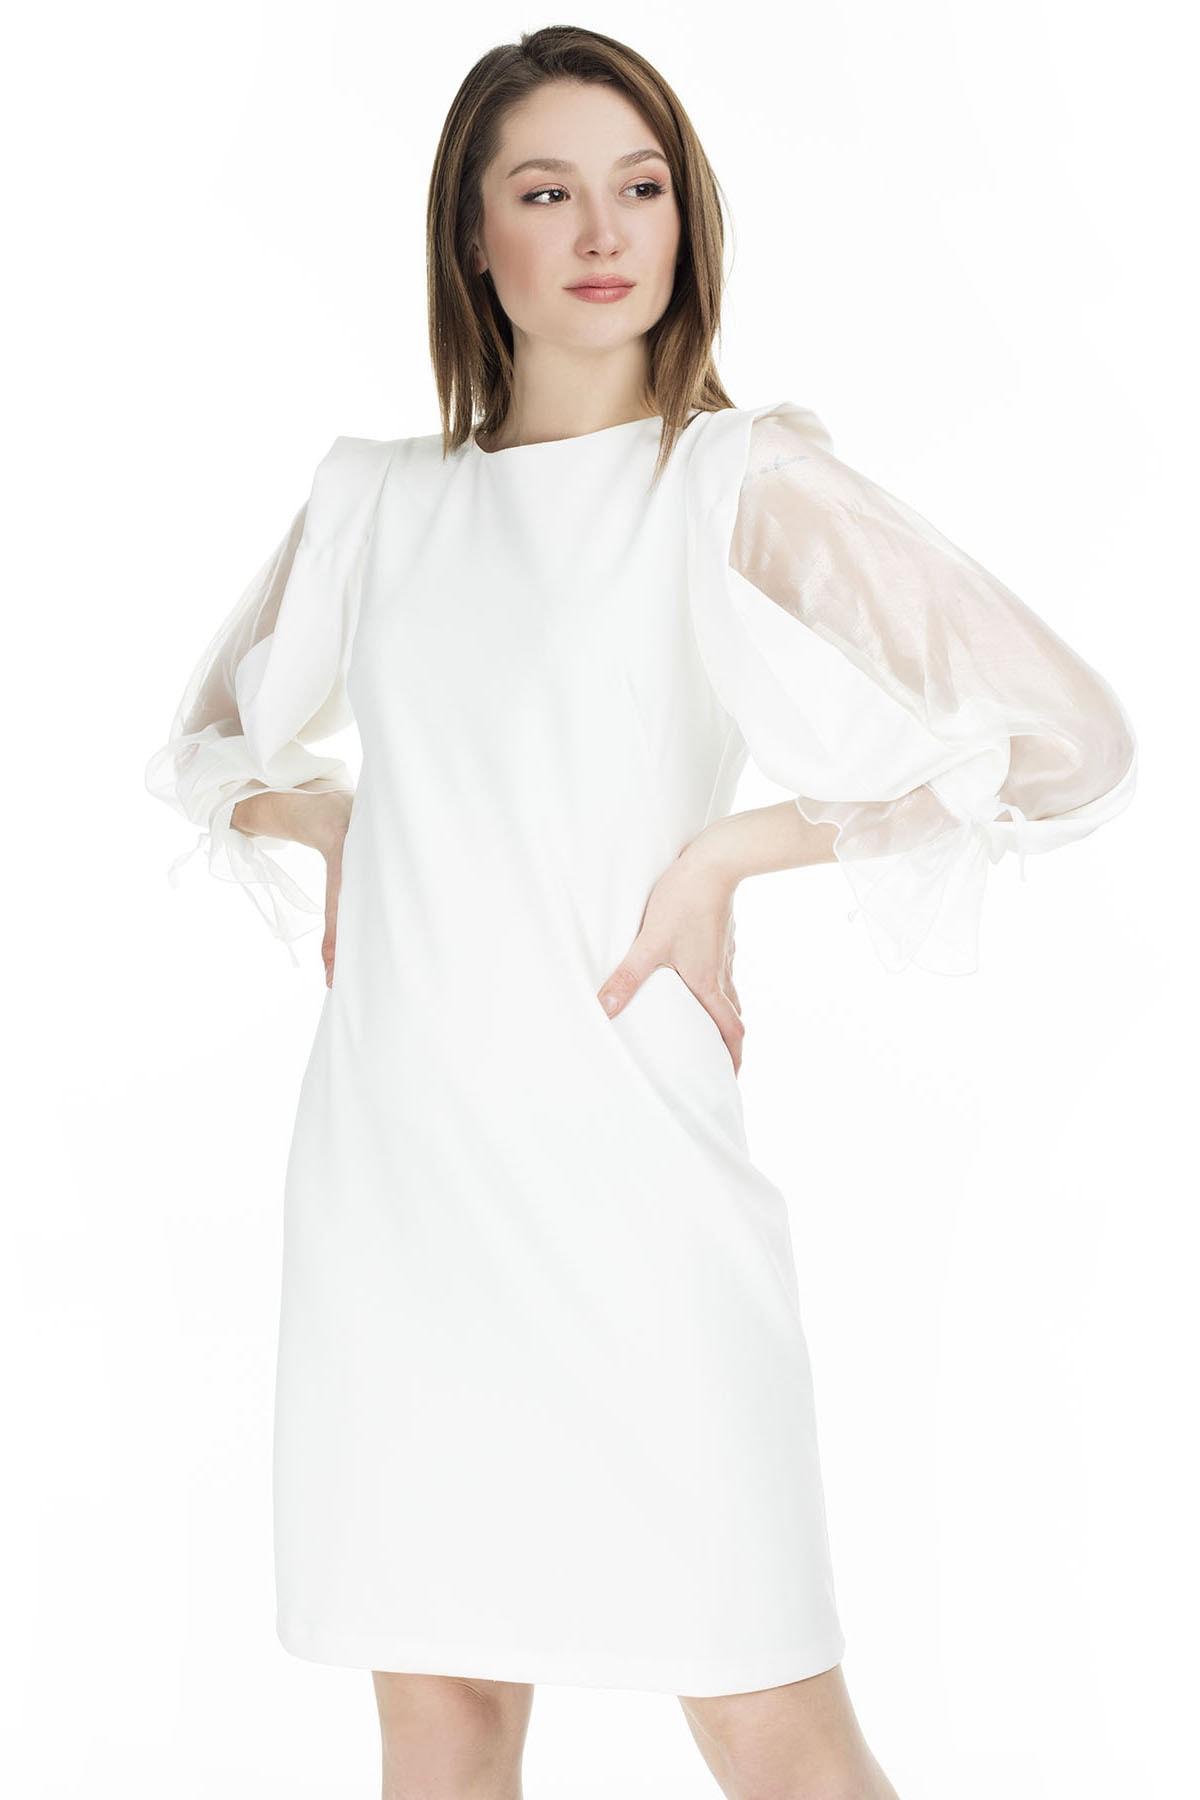 AYHAN Tül Detaylı Elbise KADIN ELBİSE 04660627